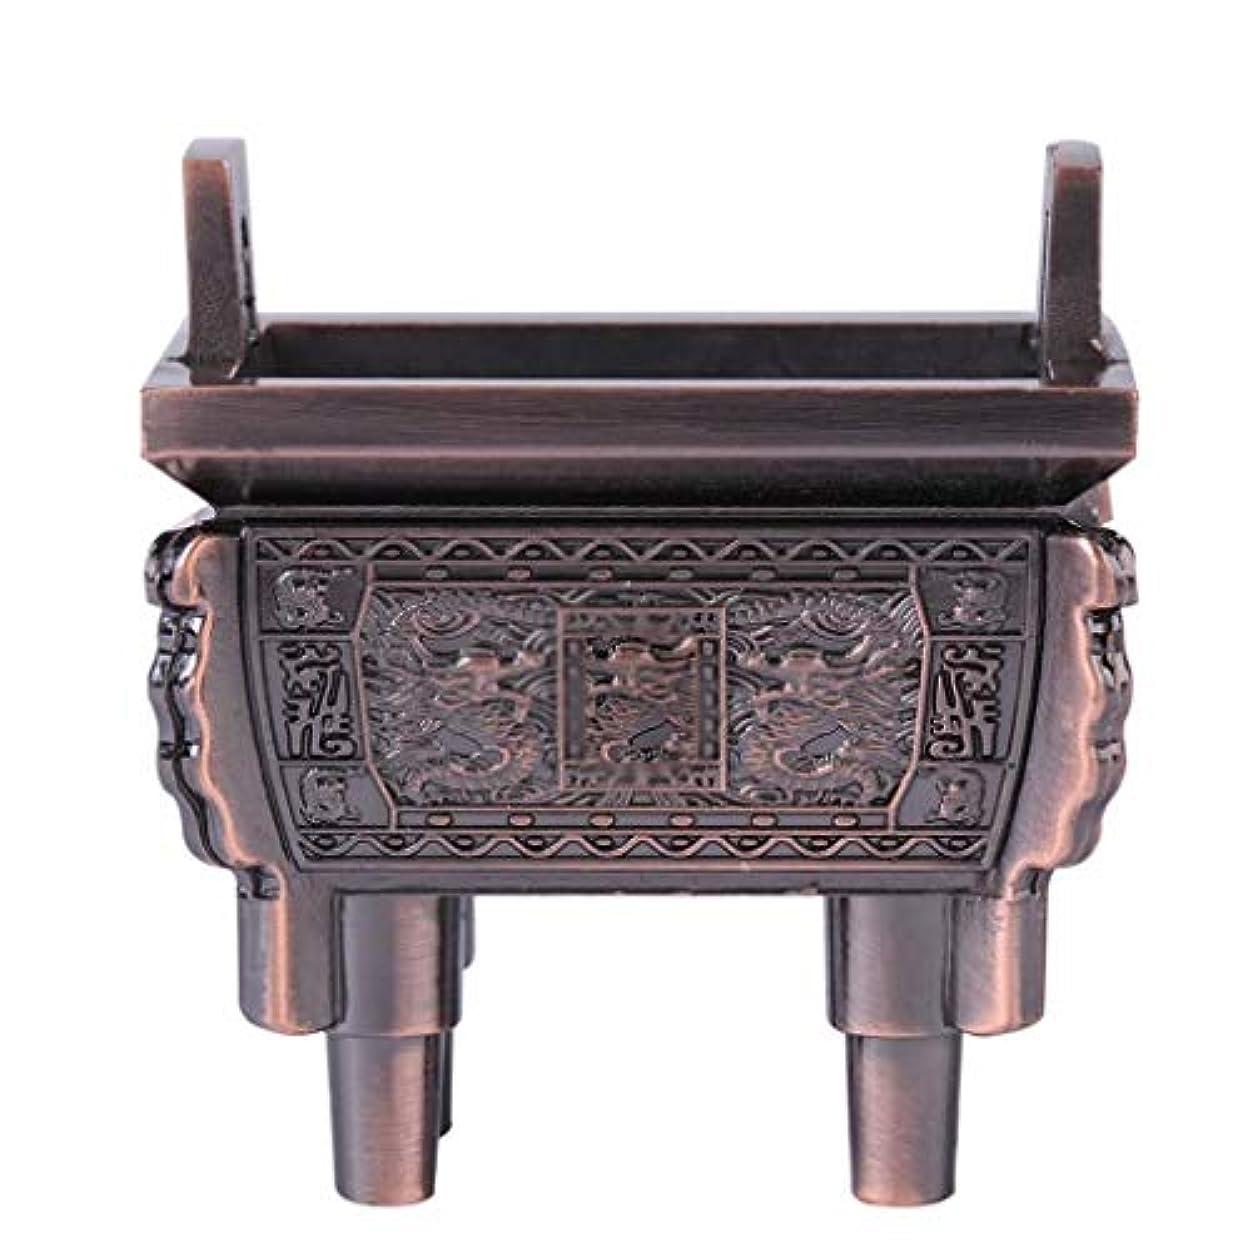 会話動物園息切れホームアロマバーナー 総本店のホテルの喫茶店の使用のための小型多機能香の棒のバーナーのホールダーのセンサー 芳香器アロマバーナー (Color : Brass)